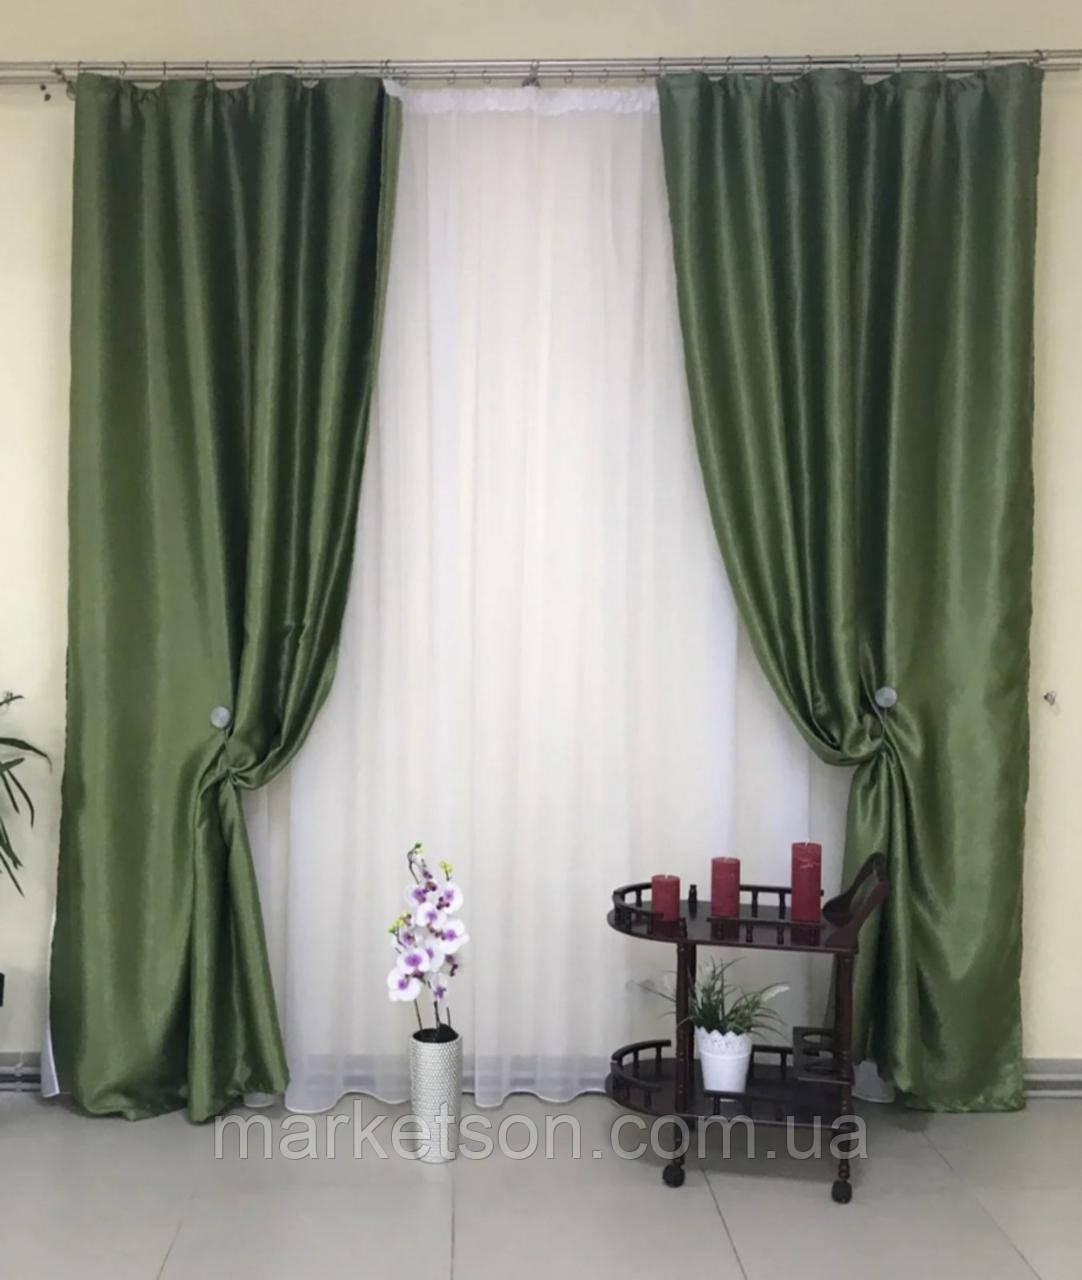 Готові сонцезахисні штори з щільної тканини блекаут софт на тасьмі